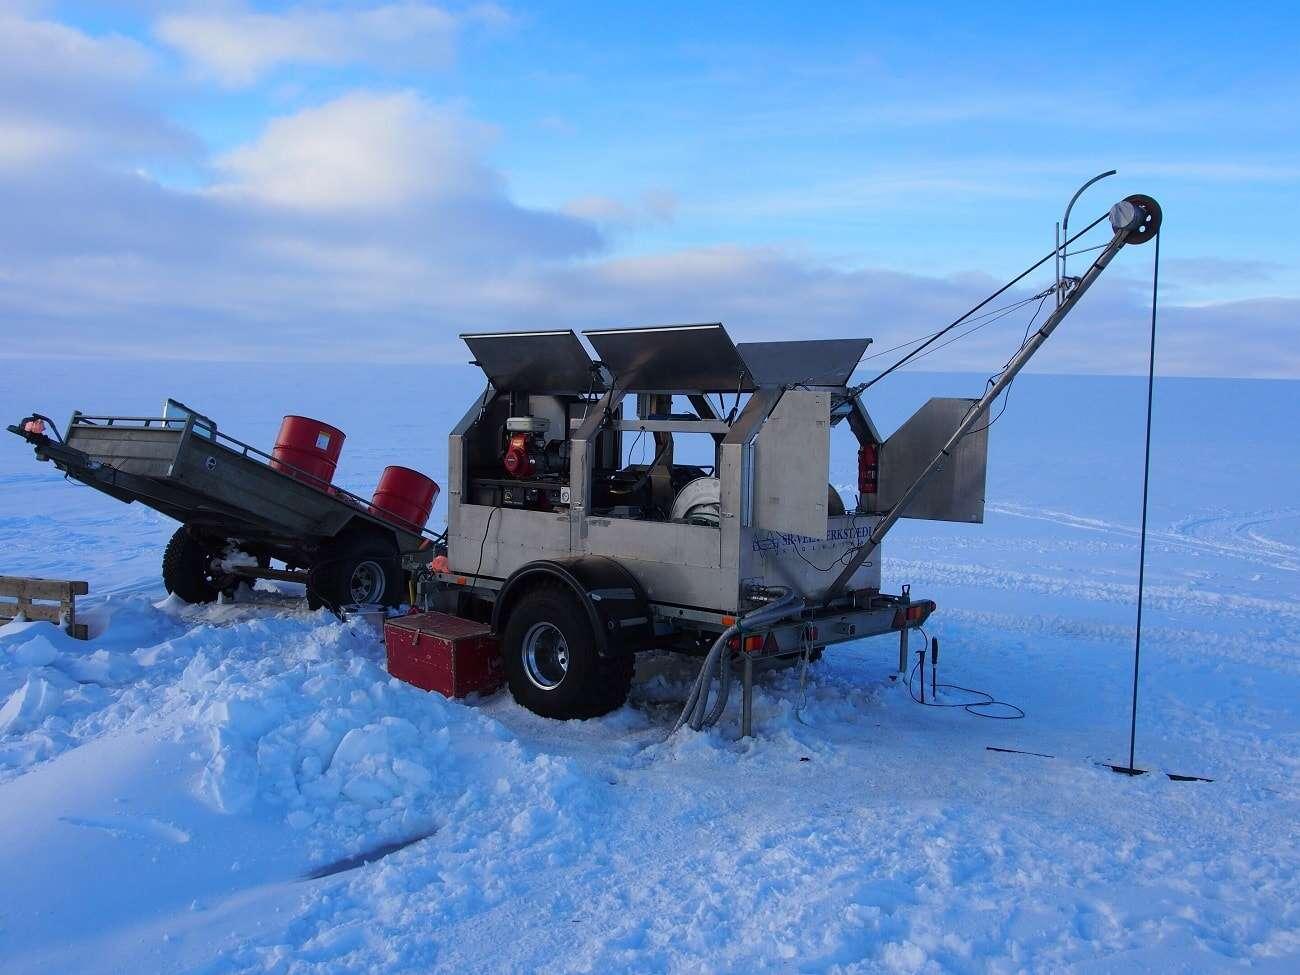 Islandię nawiedzały powodzie z lodowcowych jezior. Teraz wyjaśniono ich pochodzenie